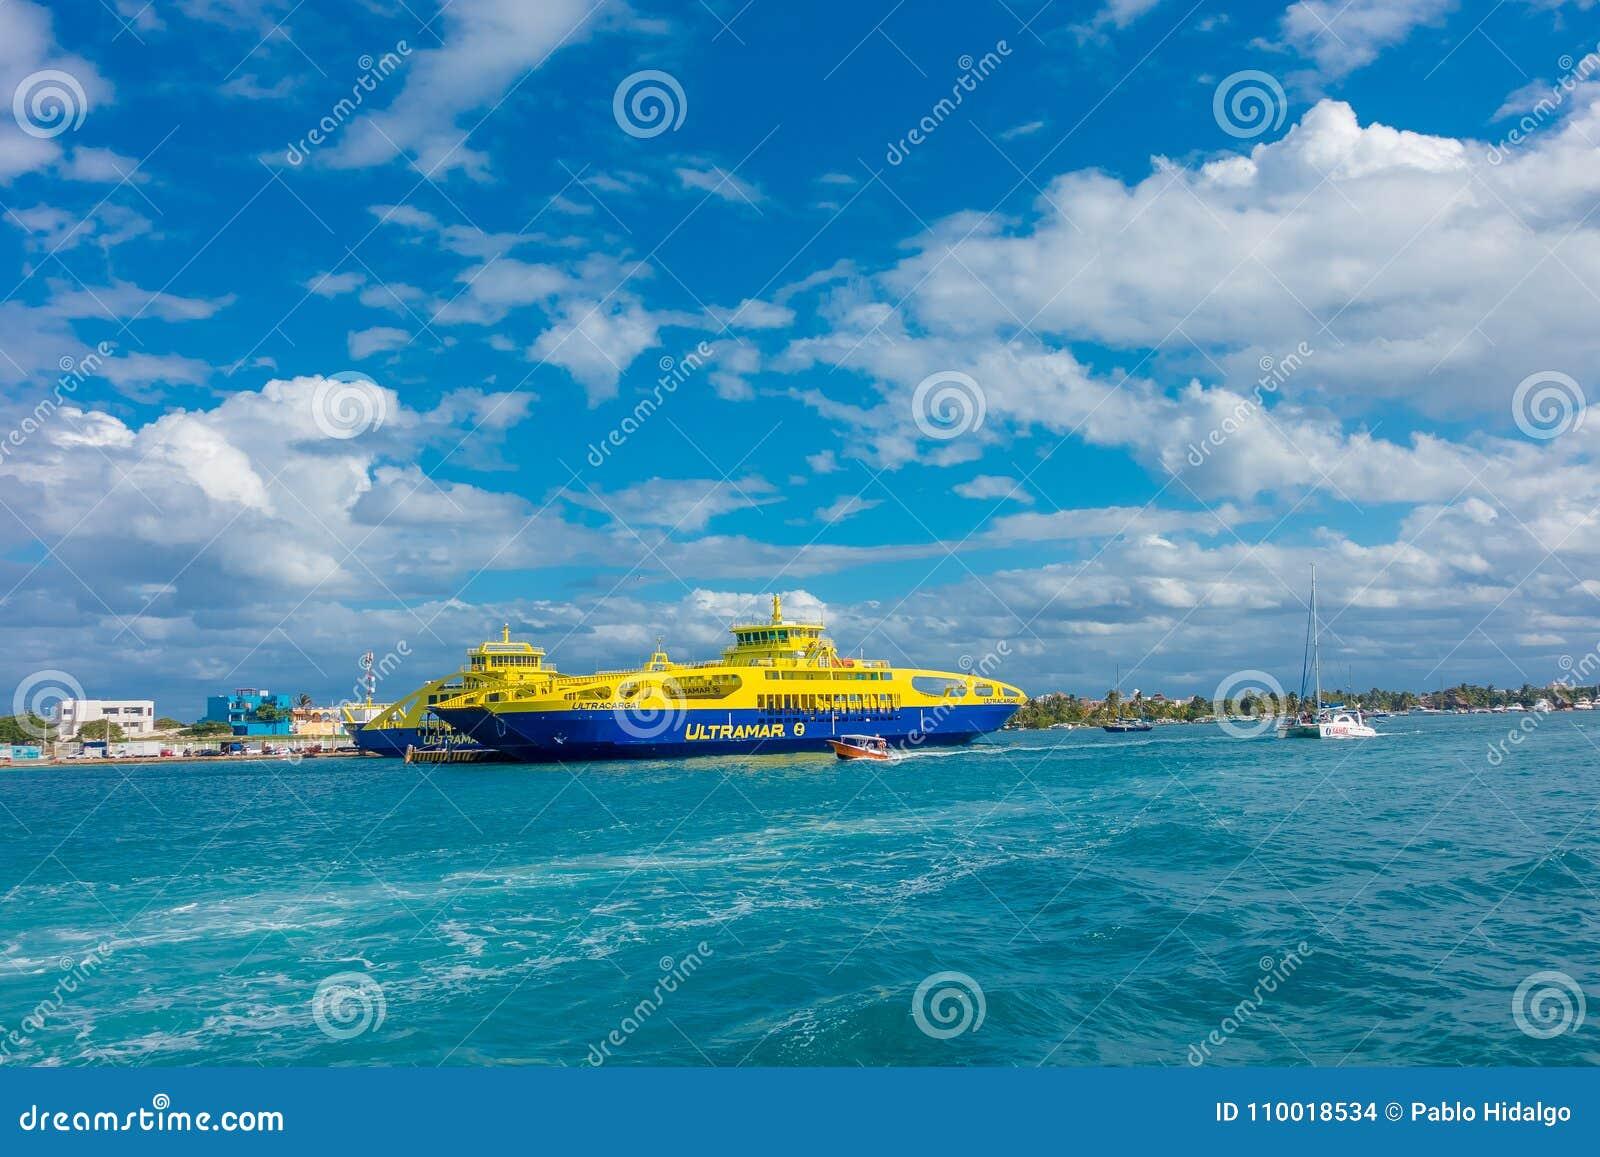 ISLA MUJERES, MEXICO, 10 JANUARI, 2018: Openluchtmening van reusachtige boot van kleur het blauwe en gele dicht varen in de water